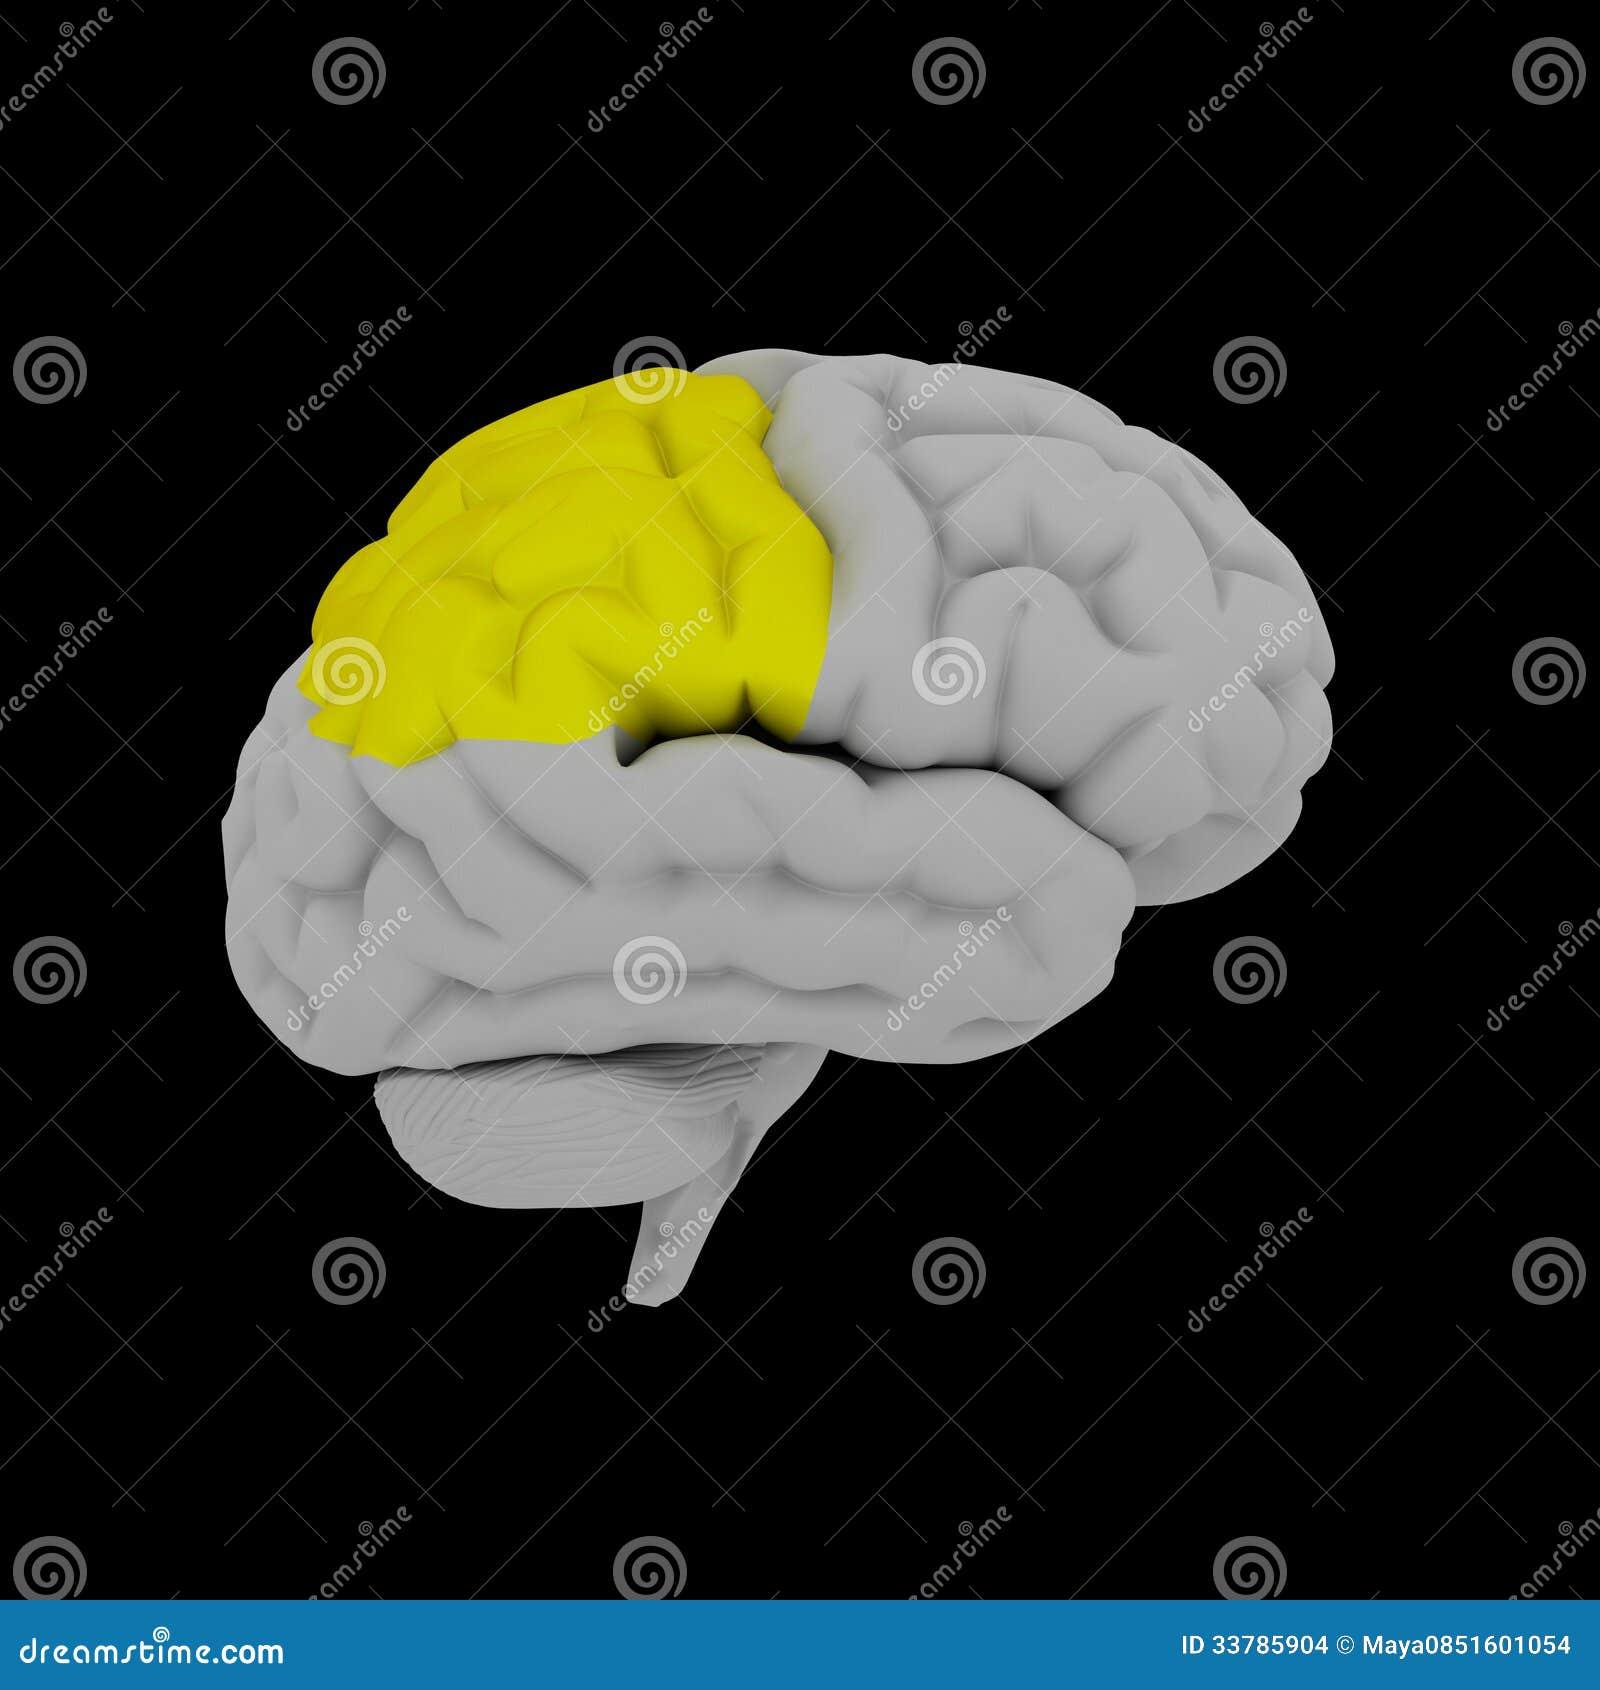 Lóbulo parietal stock de ilustración. Ilustración de hembra - 33785904